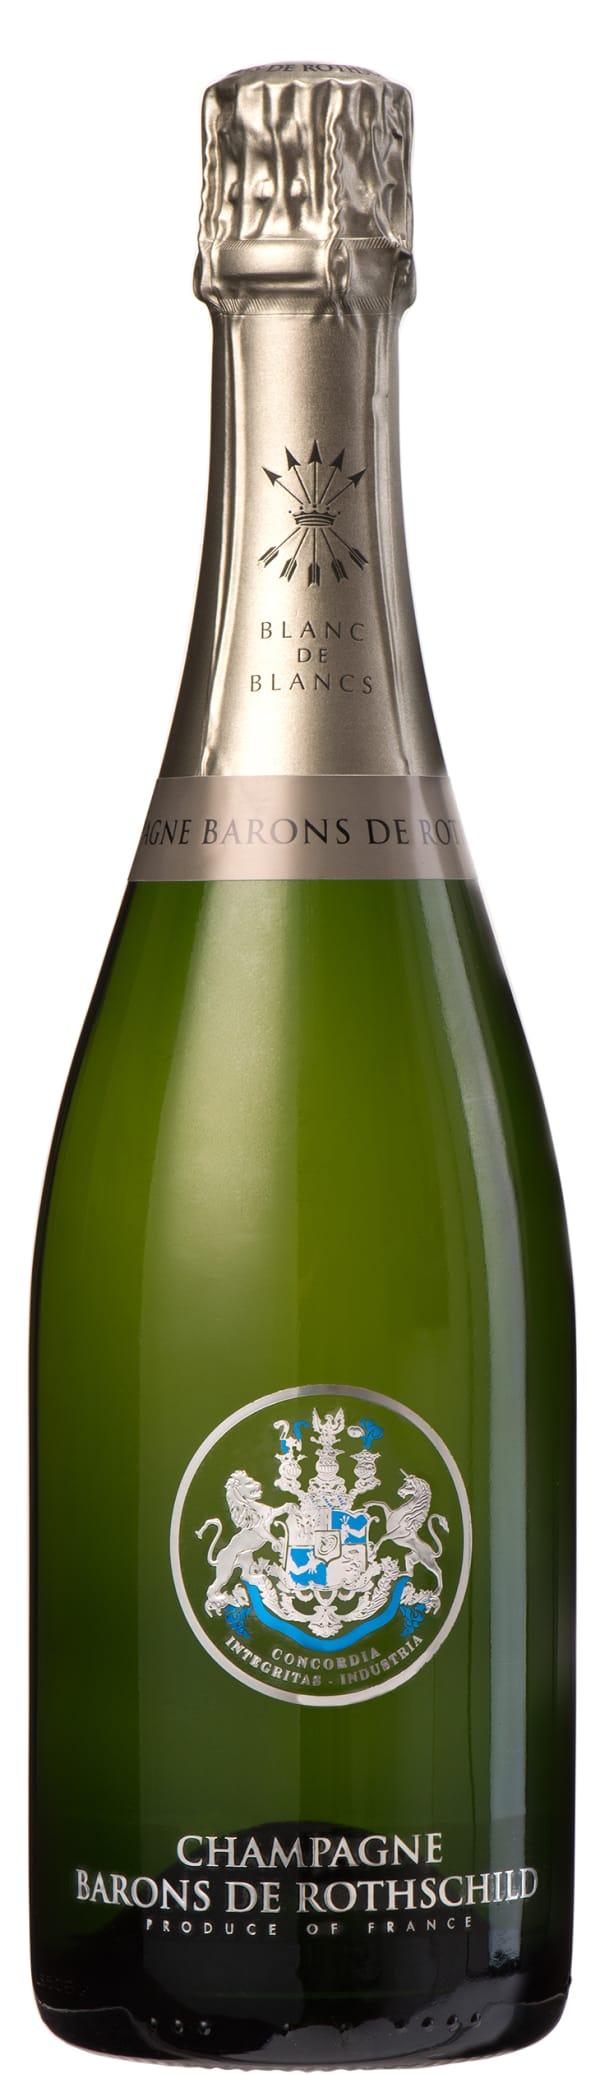 Barons de Rothschild Blanc de Blancs Champagne Brut